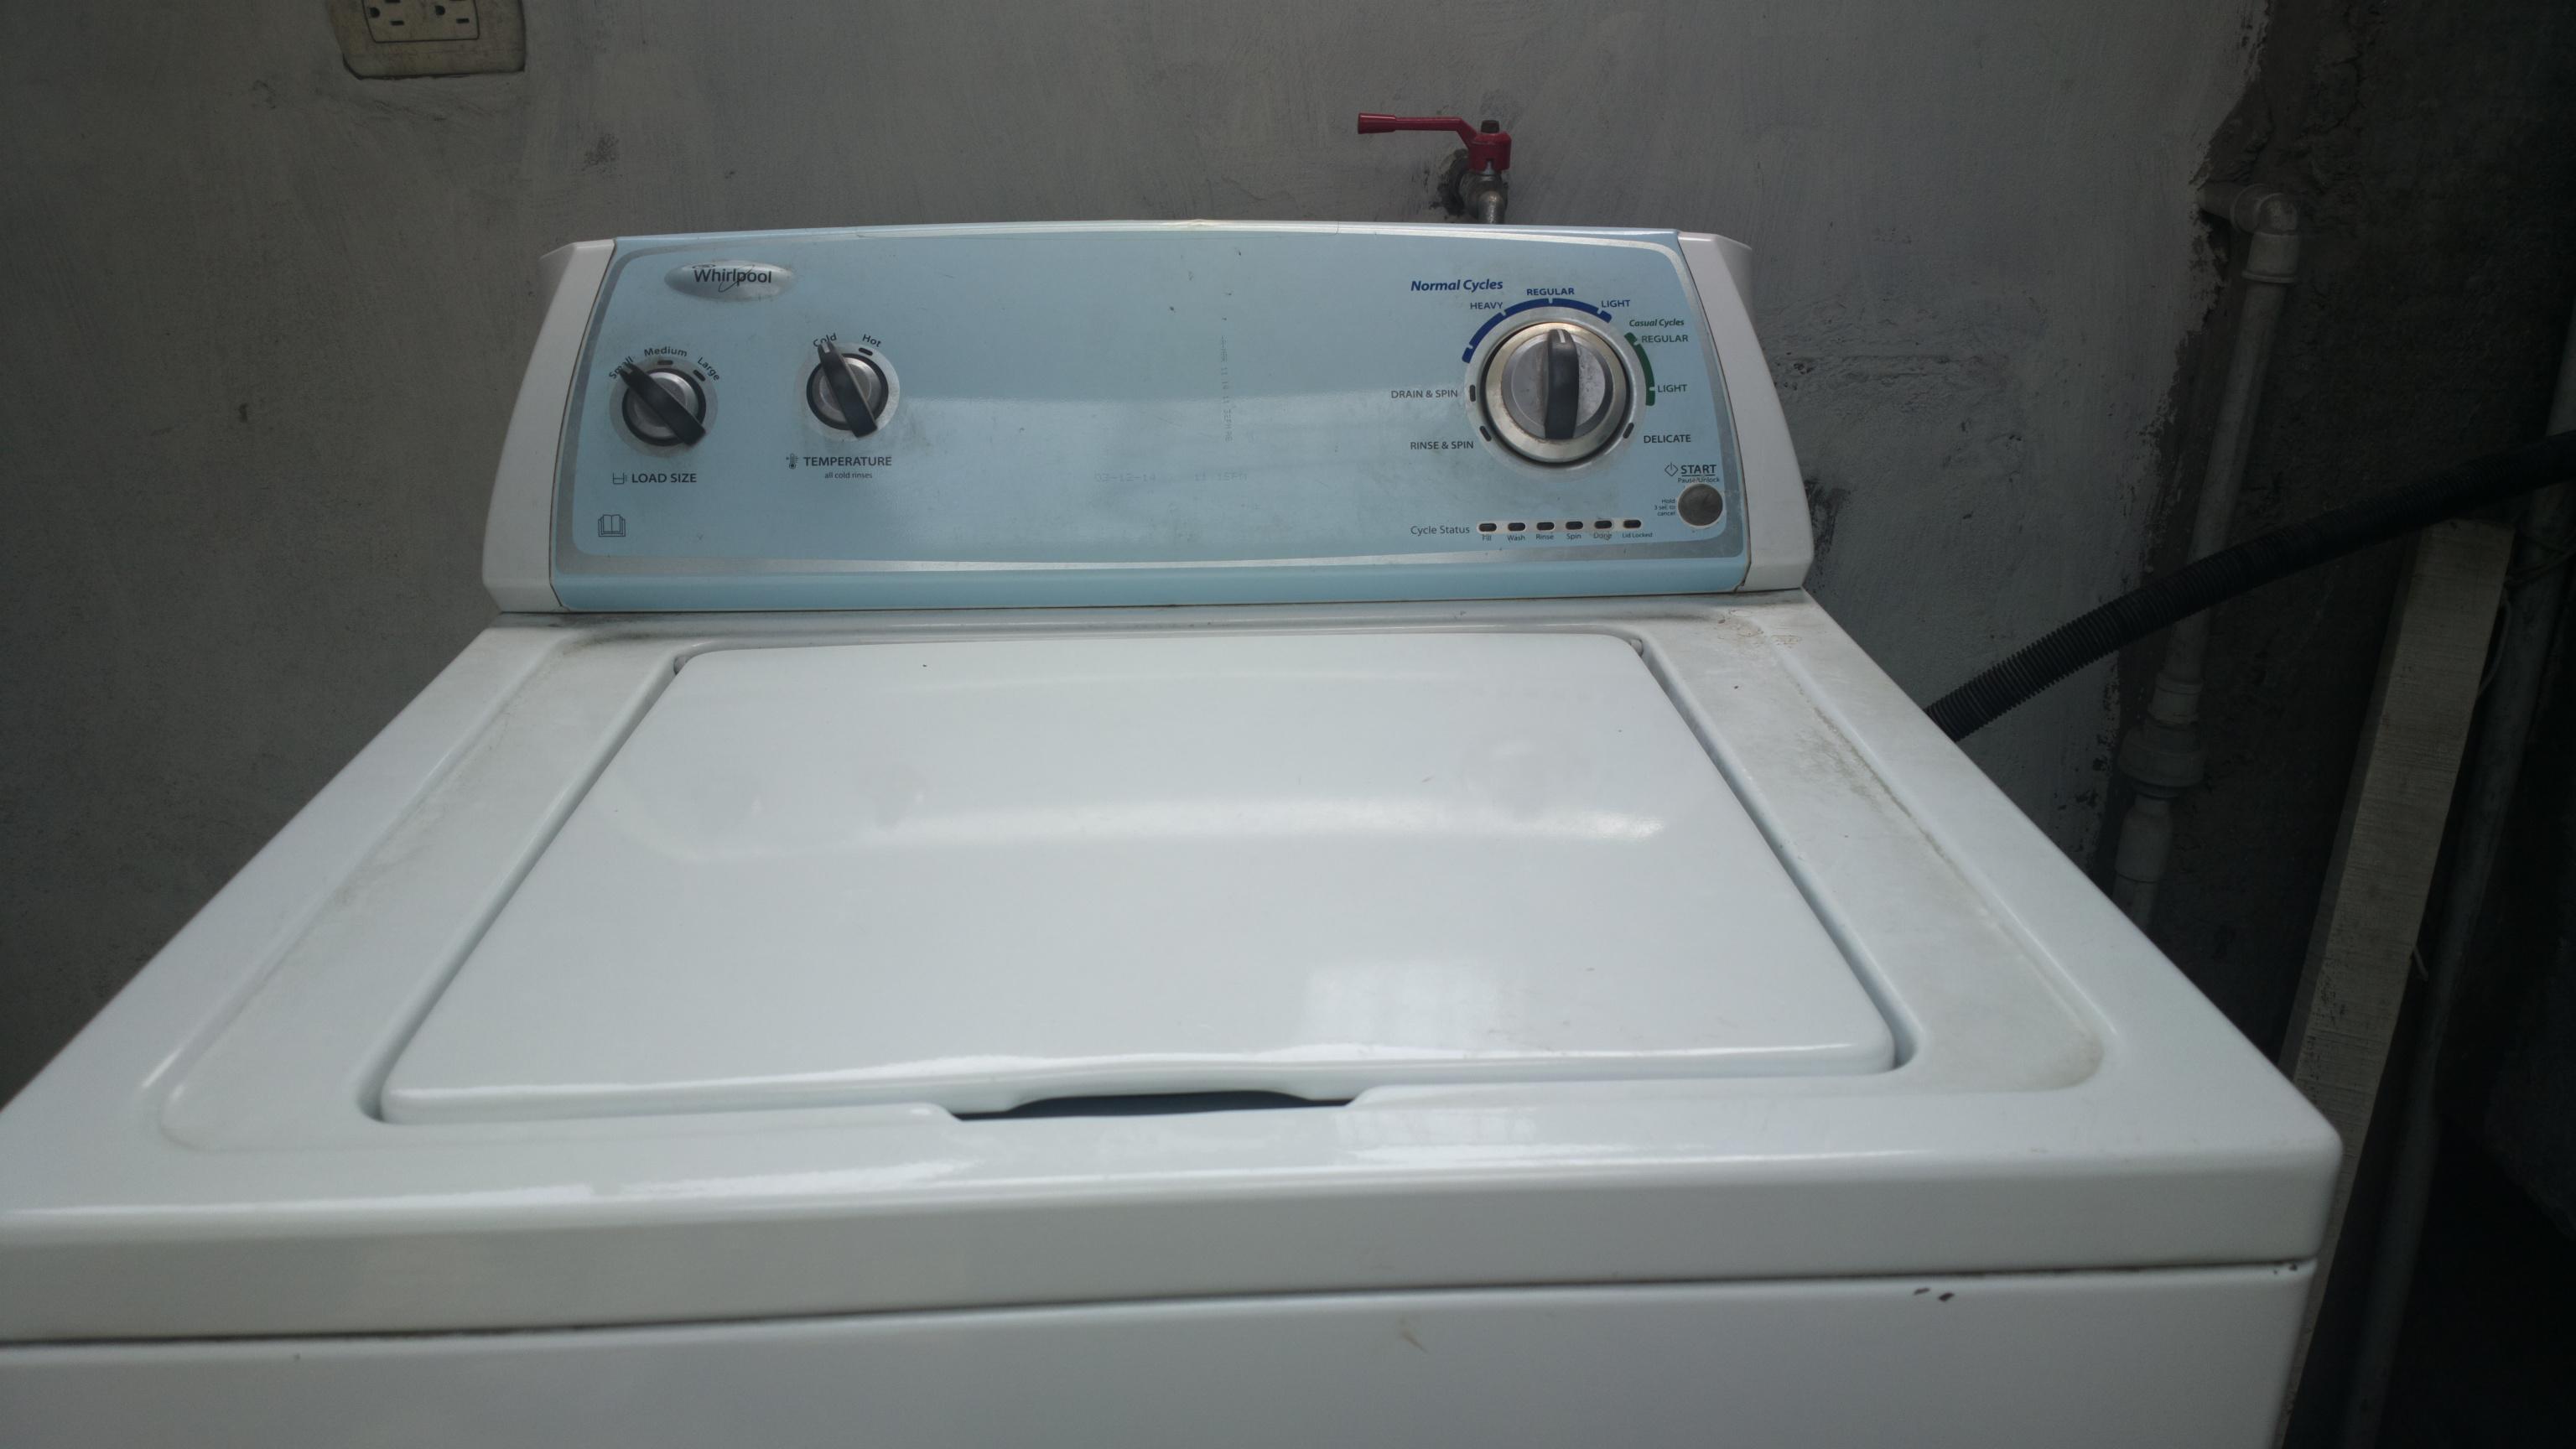 Como reparar una lavadora whirlpool solucionado nueva for Como reparar una lavadora